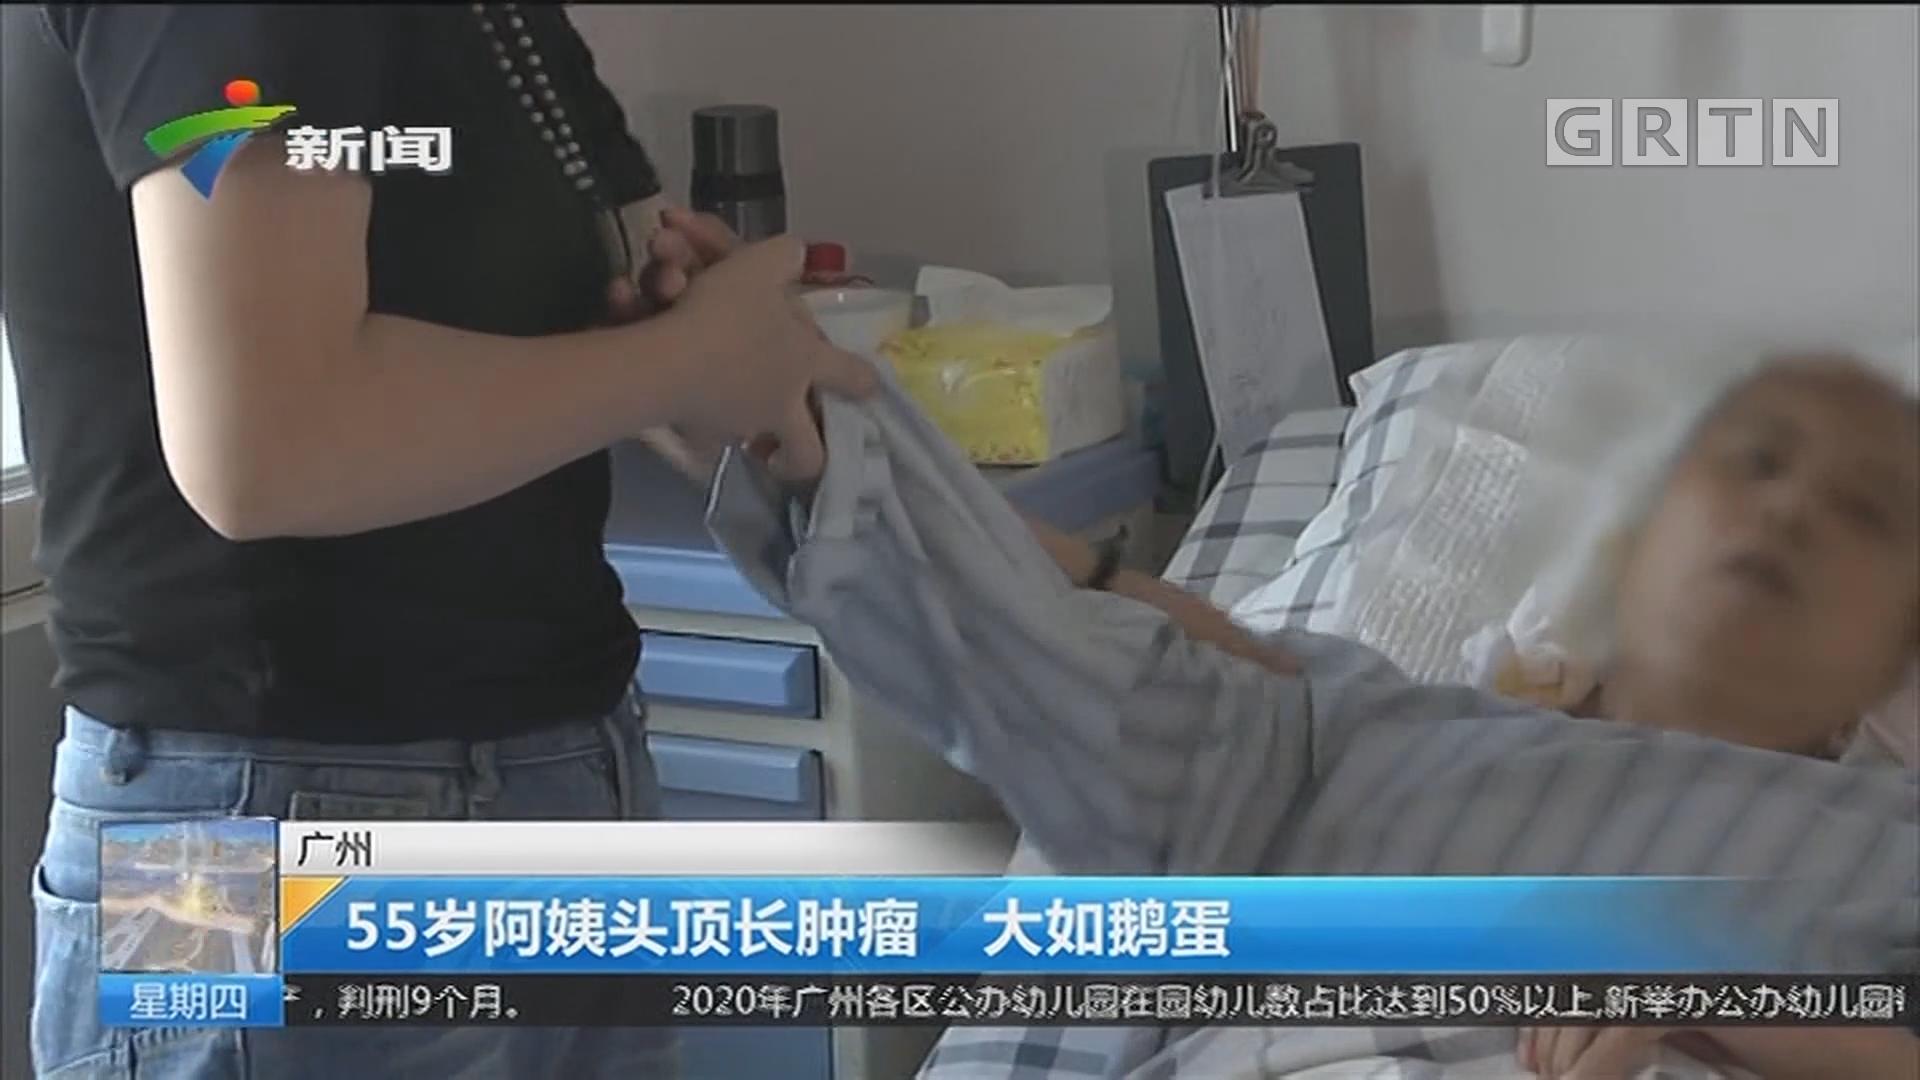 广州:55岁阿姨头顶长肿瘤 大如鹅蛋